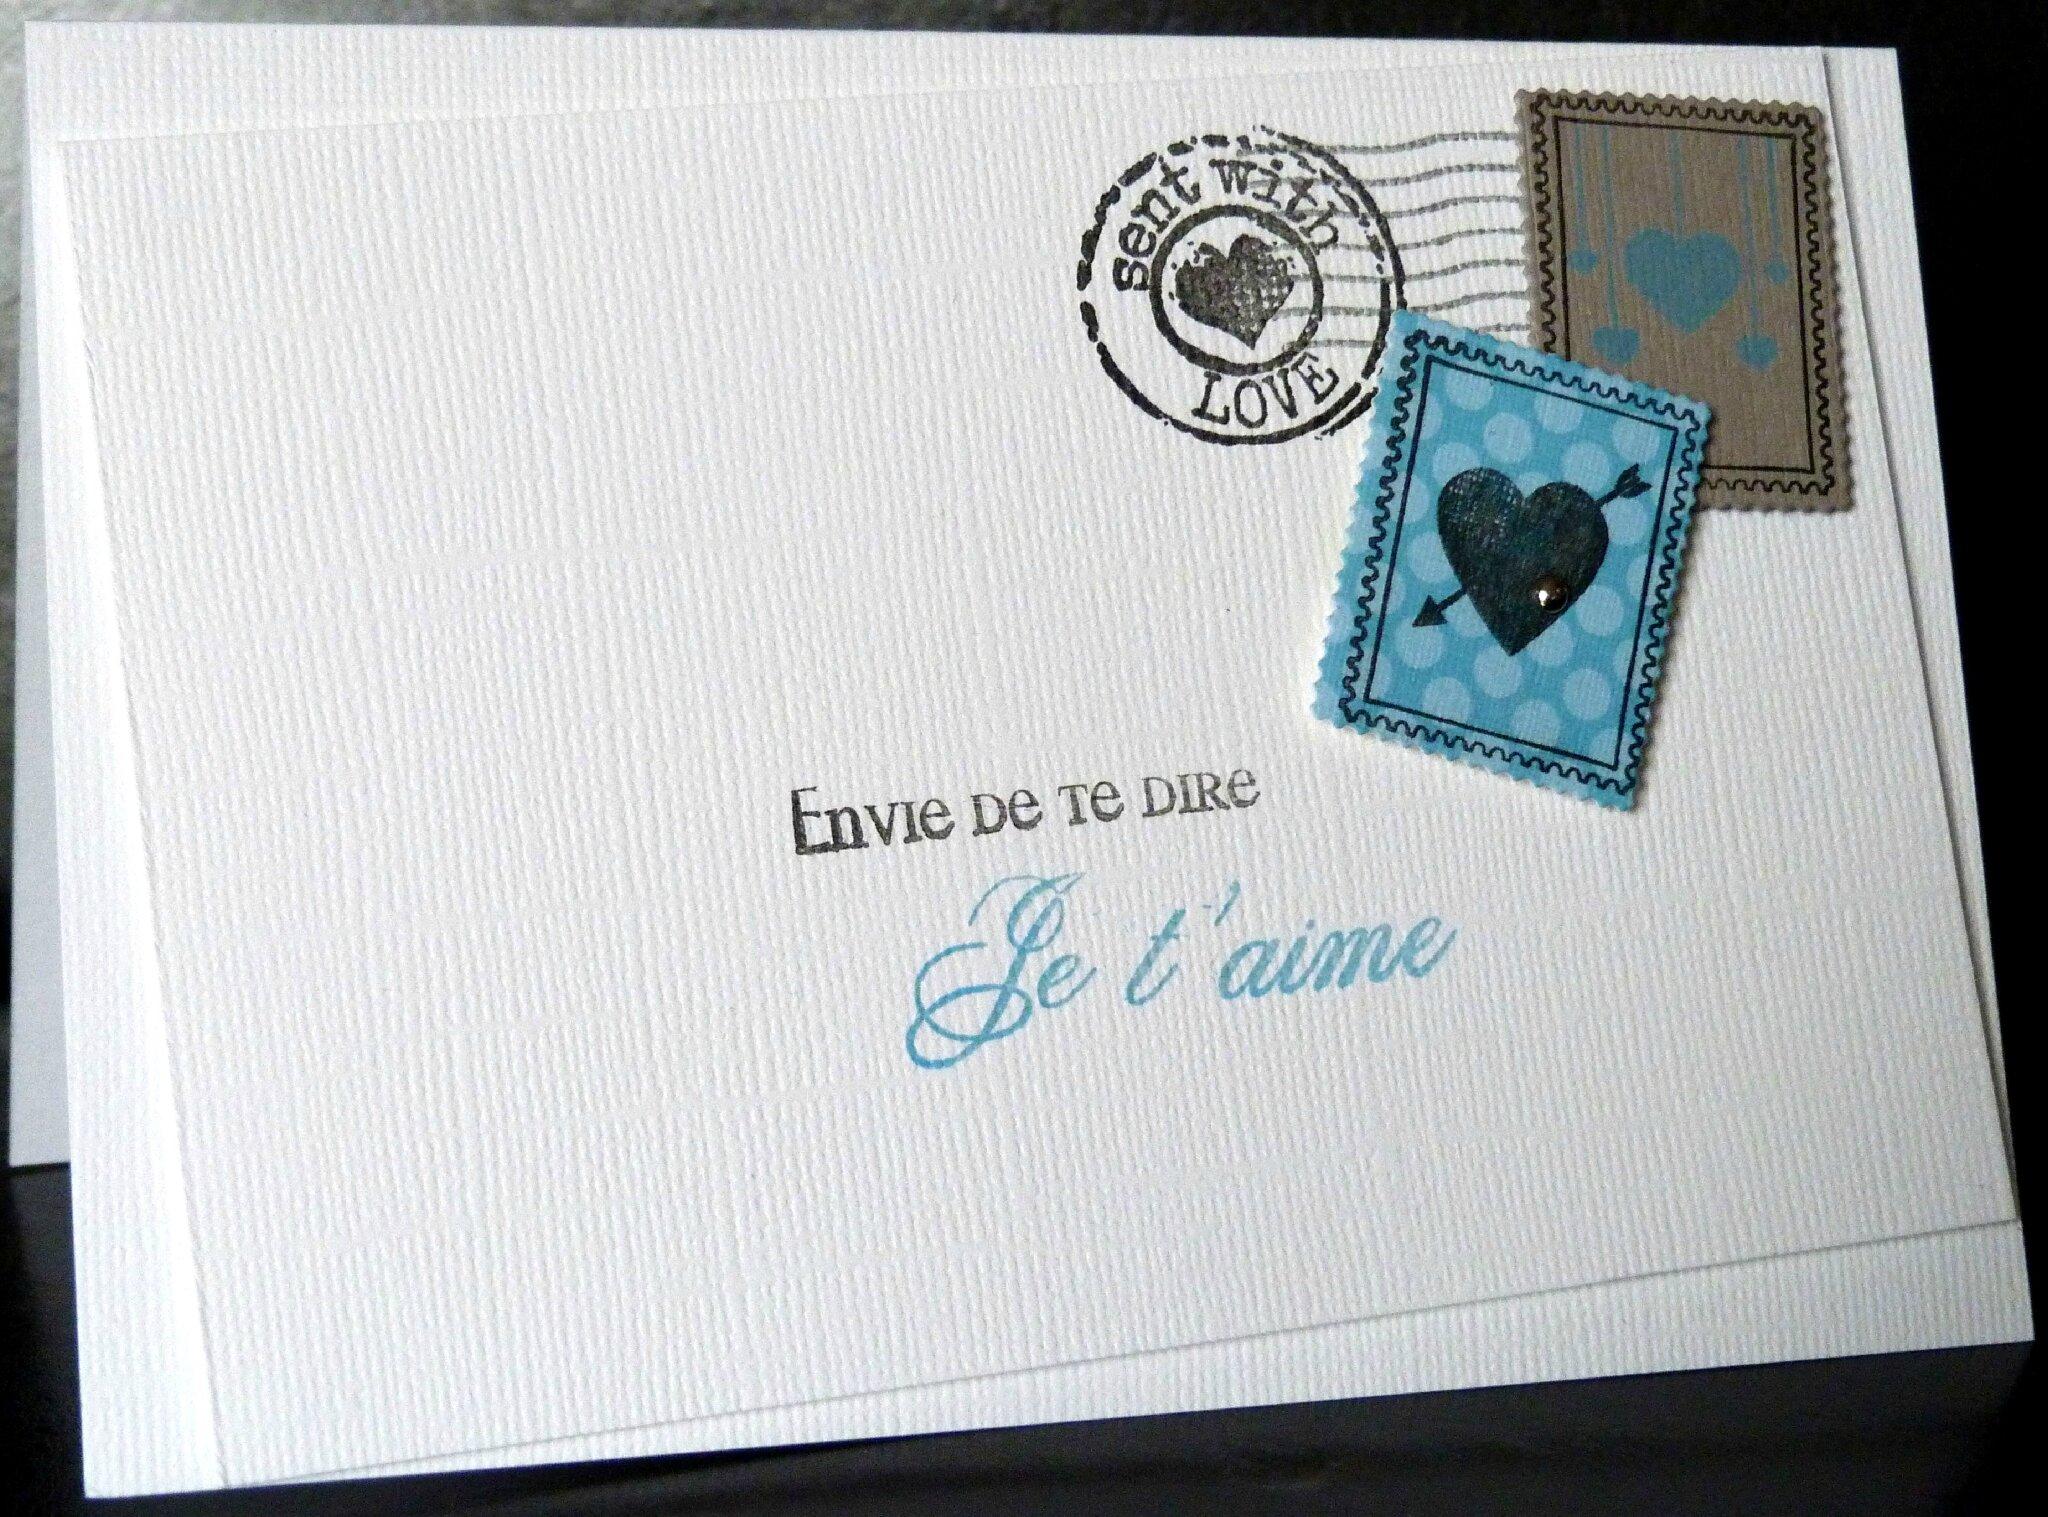 un lift des timbres une carte comme une enveloppe pour une d claration d 39 amour les 2. Black Bedroom Furniture Sets. Home Design Ideas